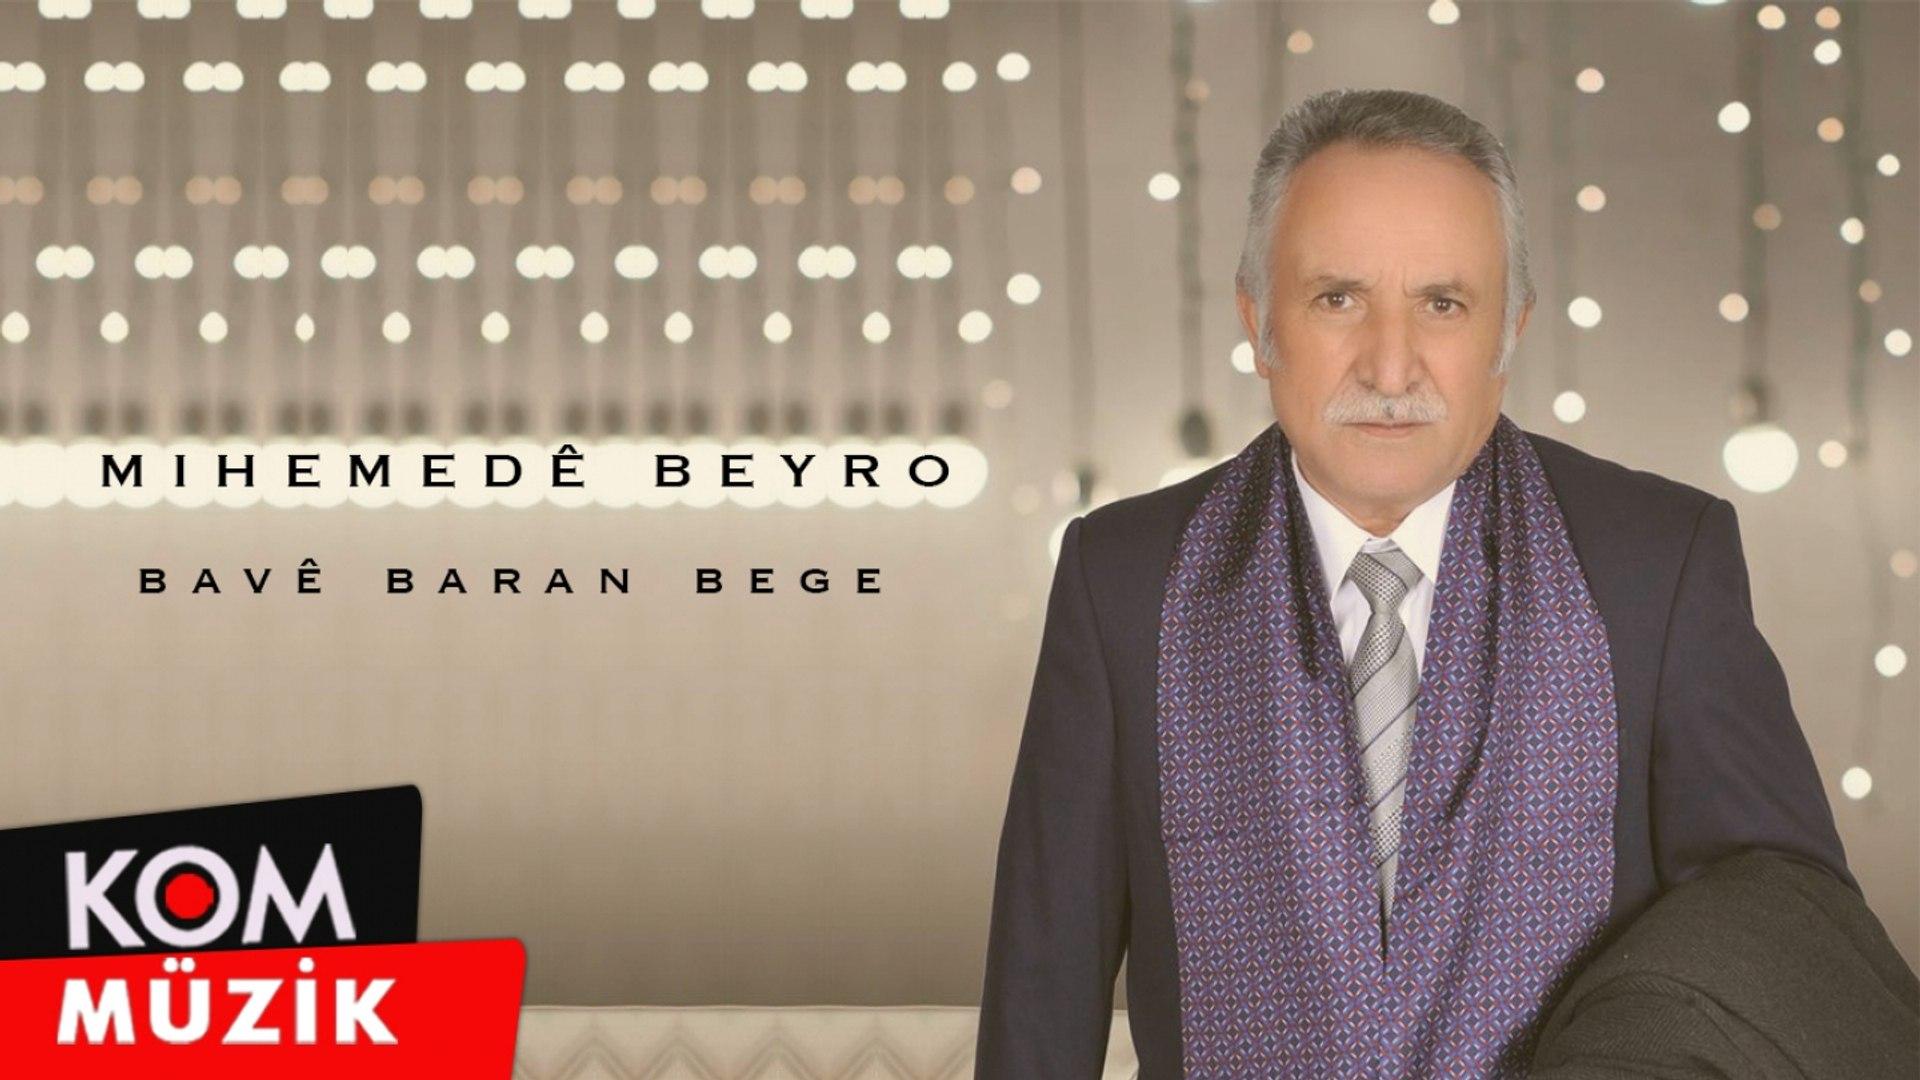 Mihemedê Beyro - Bavê Baran Bege (2020 © Kom Müzik)